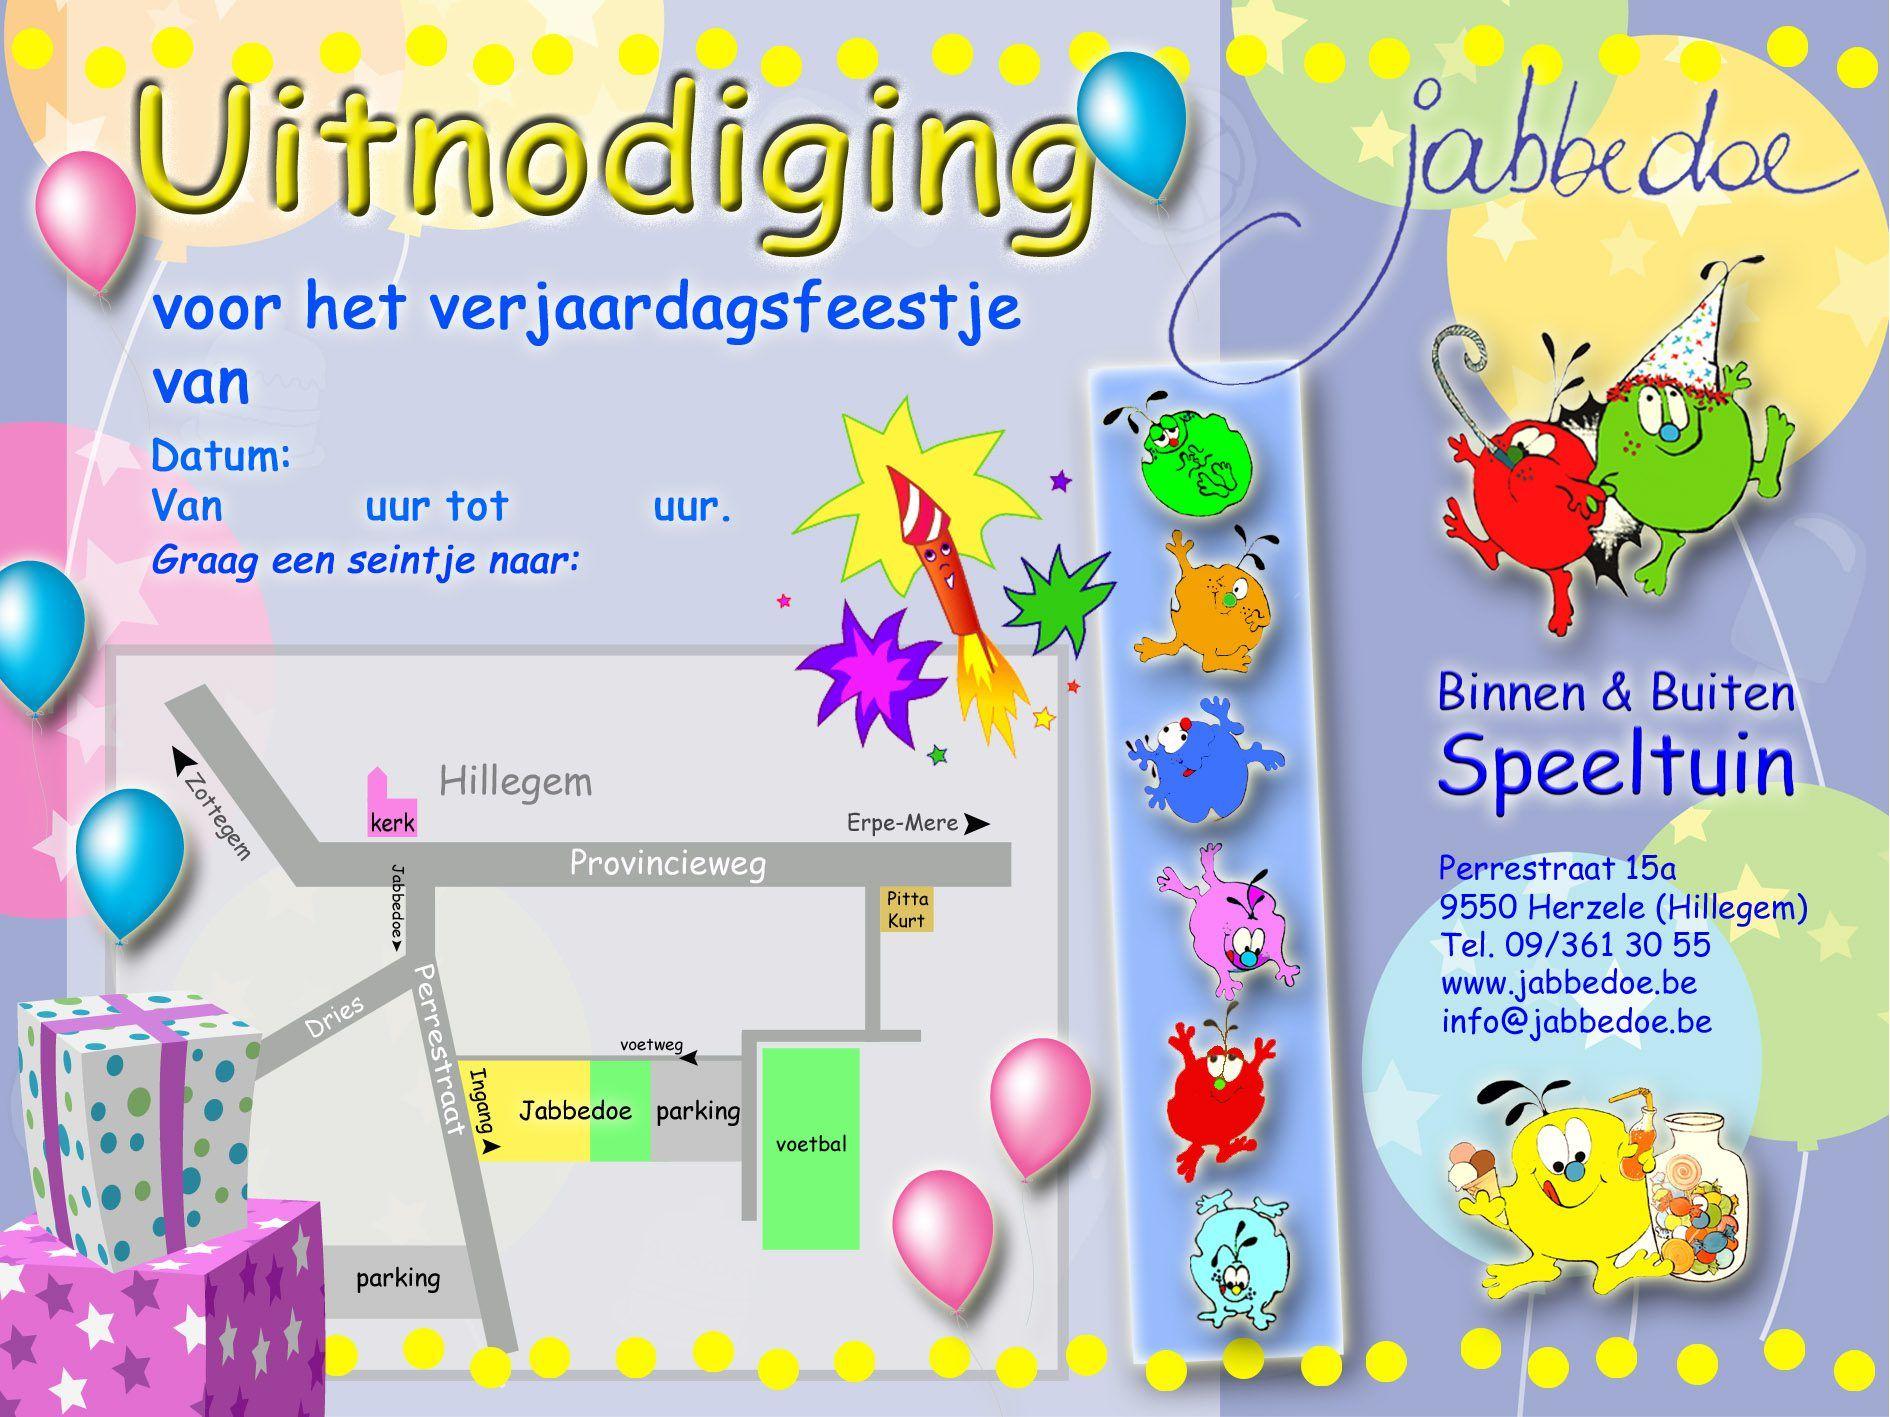 Uitnodiging Verjaardag Kind Uitnodiging Verjaardag Kind 5 Jaar